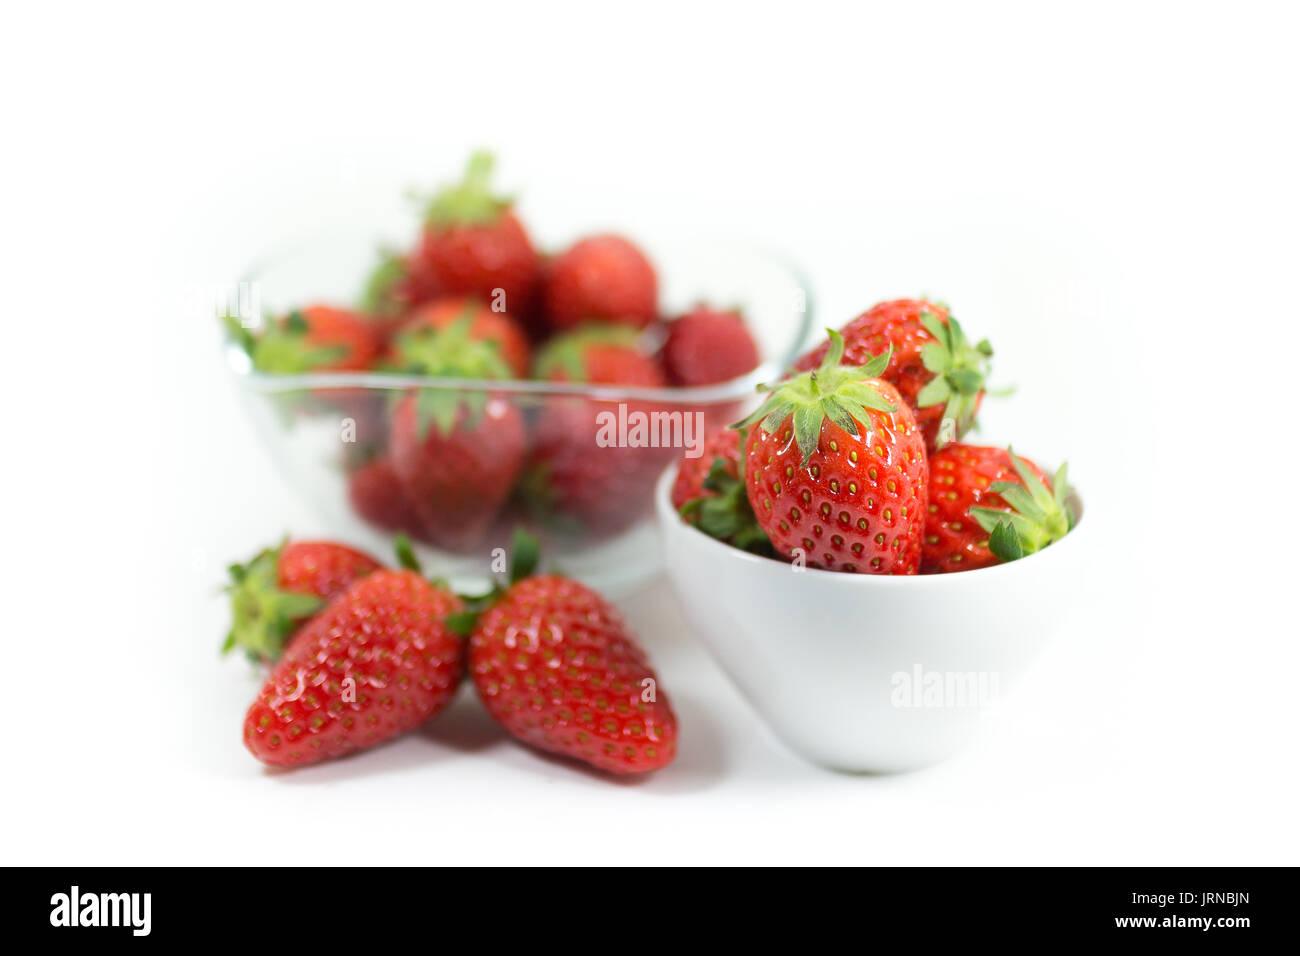 Les fraises mûres fraîches isolées sur fond blanc Photo Stock